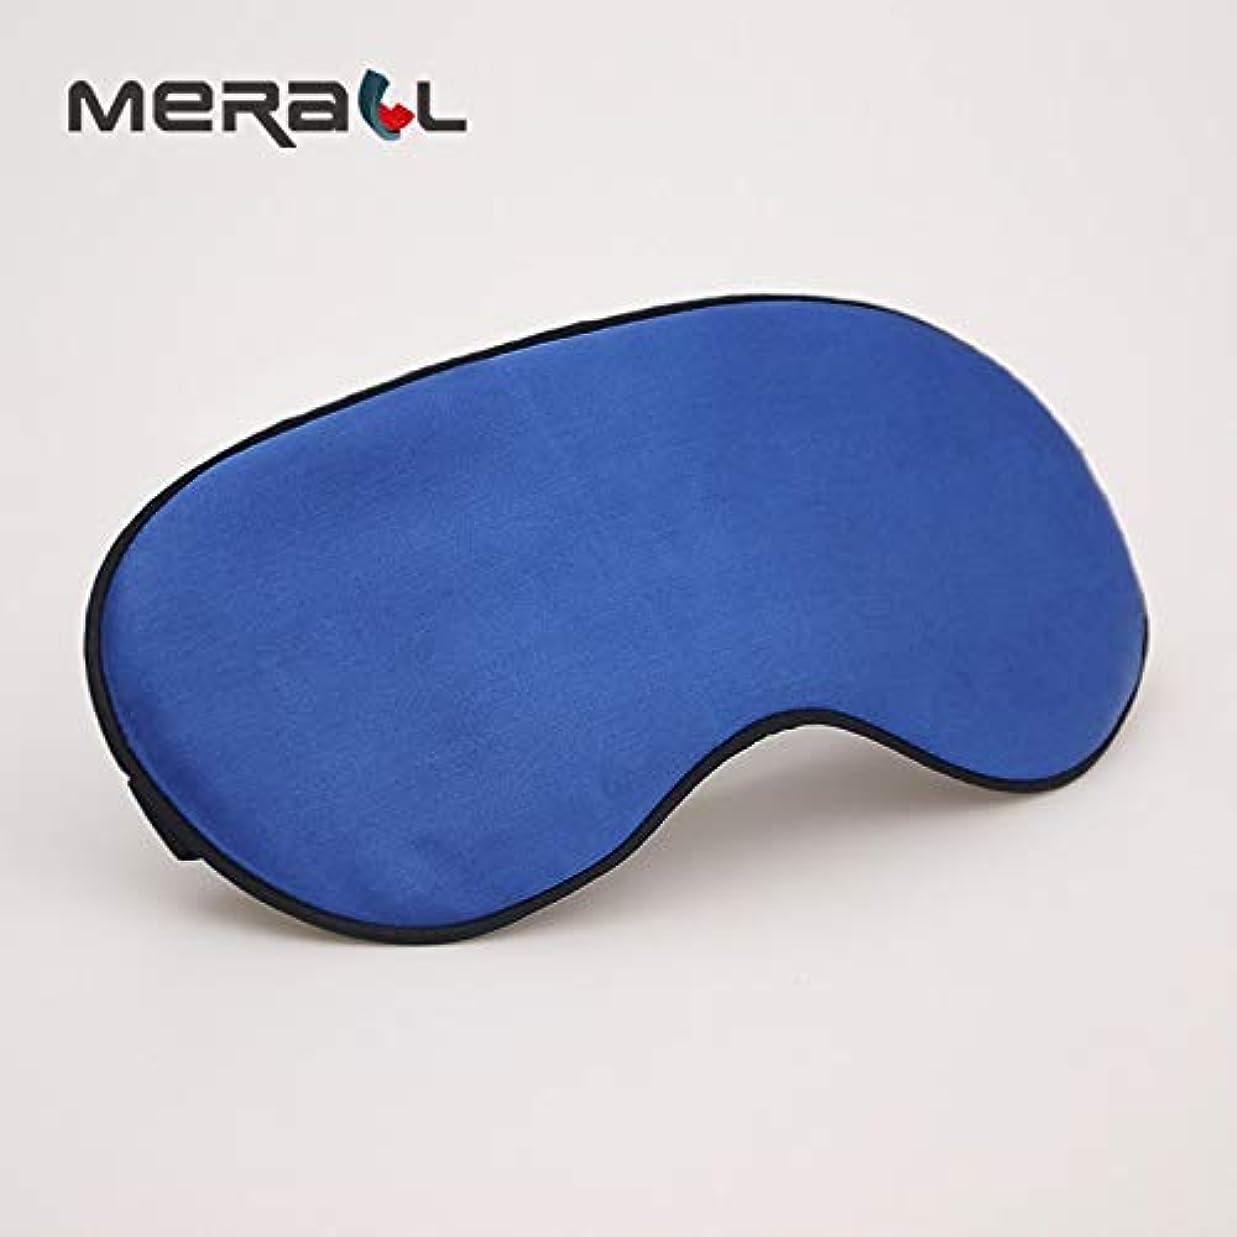 コミュニケーション信条説得力のある注意シルクシェーディング睡眠アイマスク目の上の調節可能な包帯睡眠ソフトアイカバー大人の子供旅行休息アイパッチ睡眠マスク